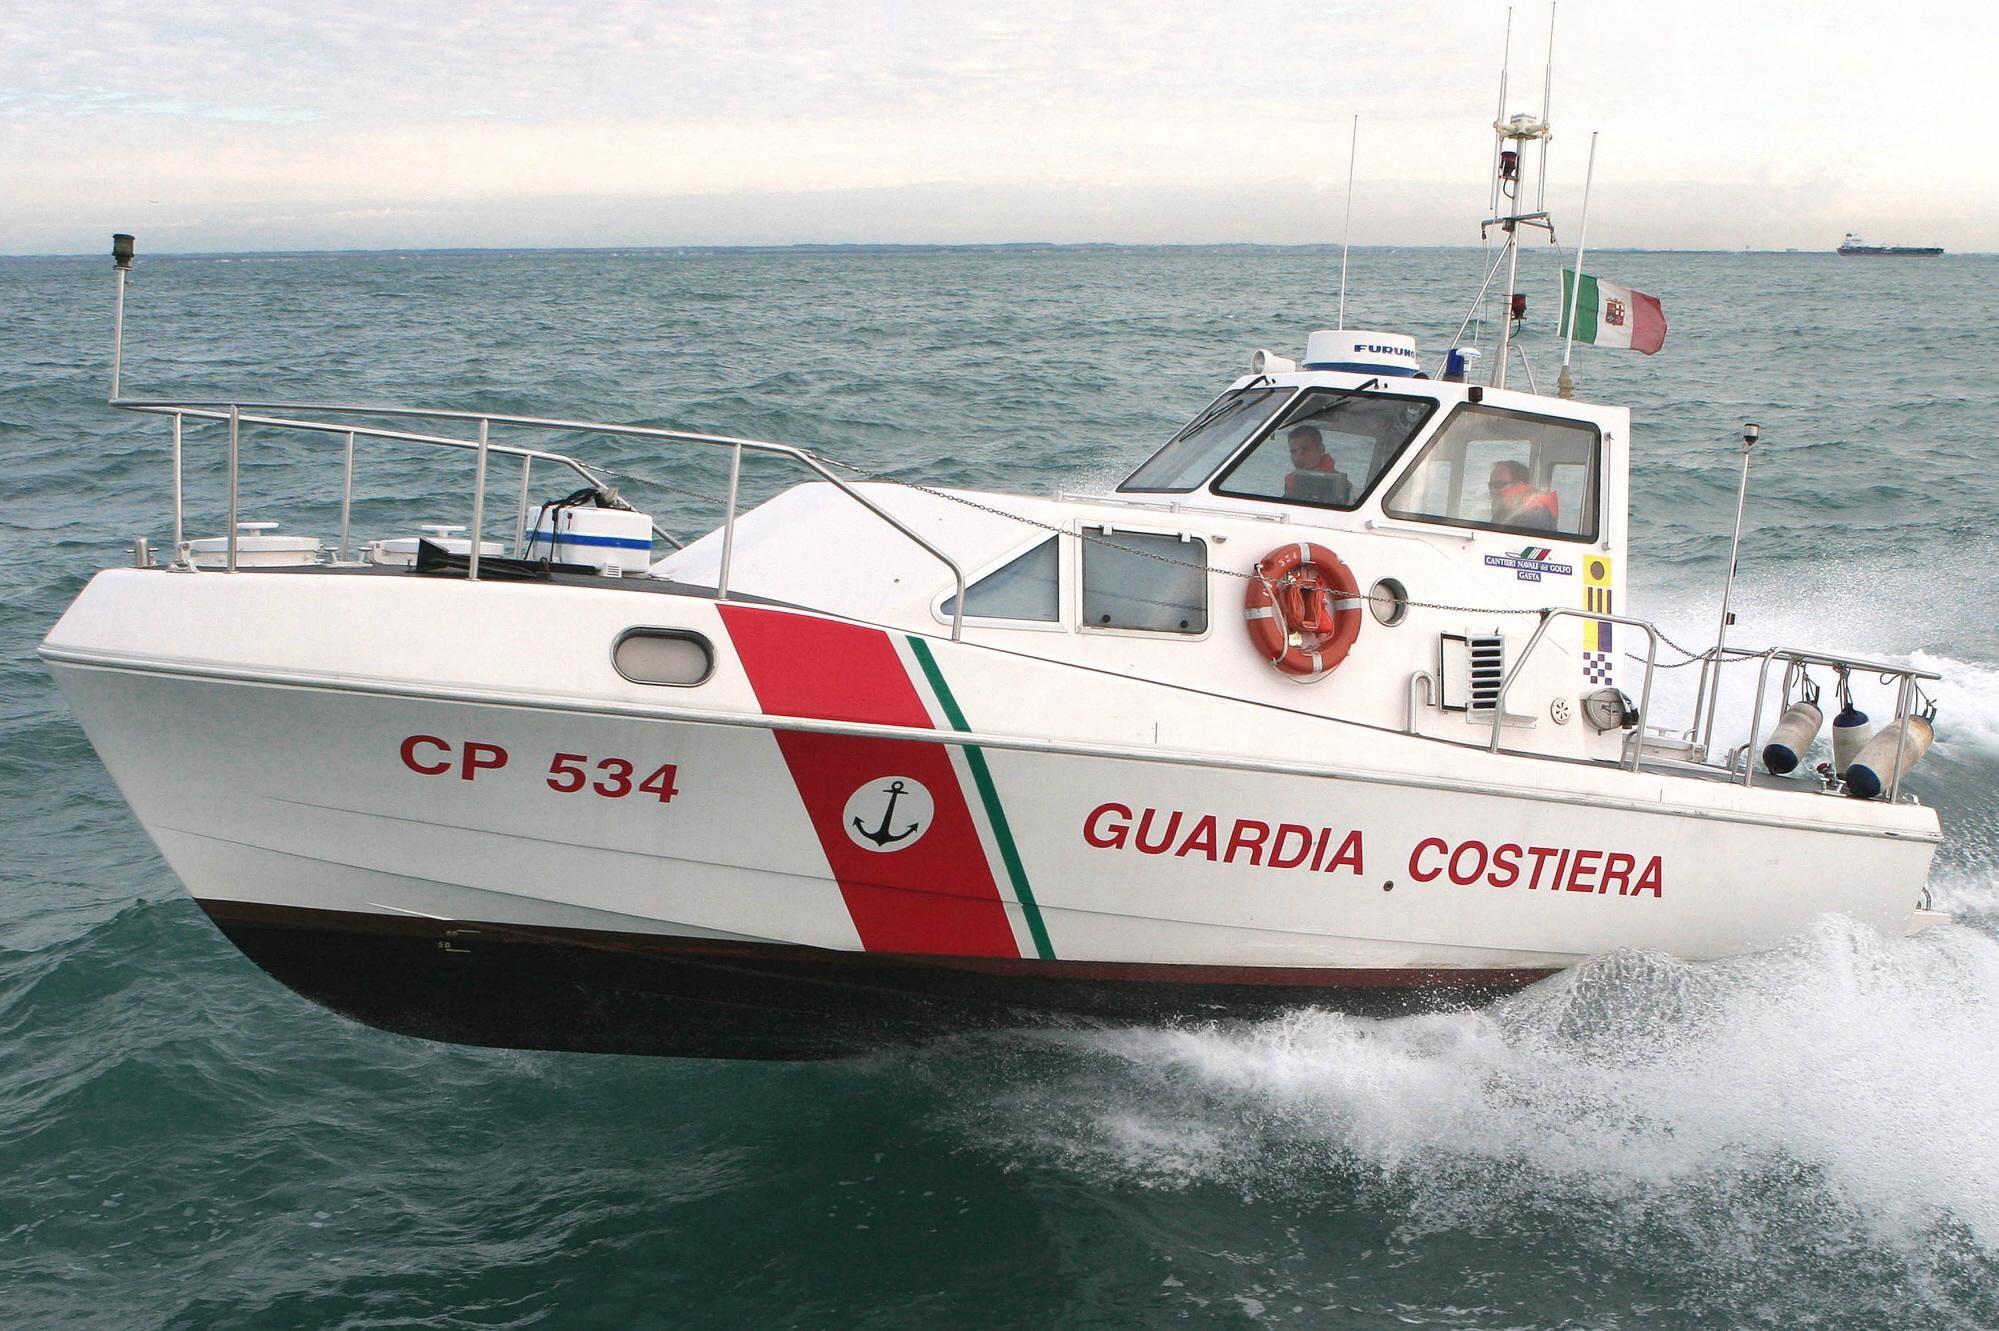 Barca a vela si scontra sugli scogli di Cetraro, una persona è dispersa. A Rossano soccorsi due surfisti